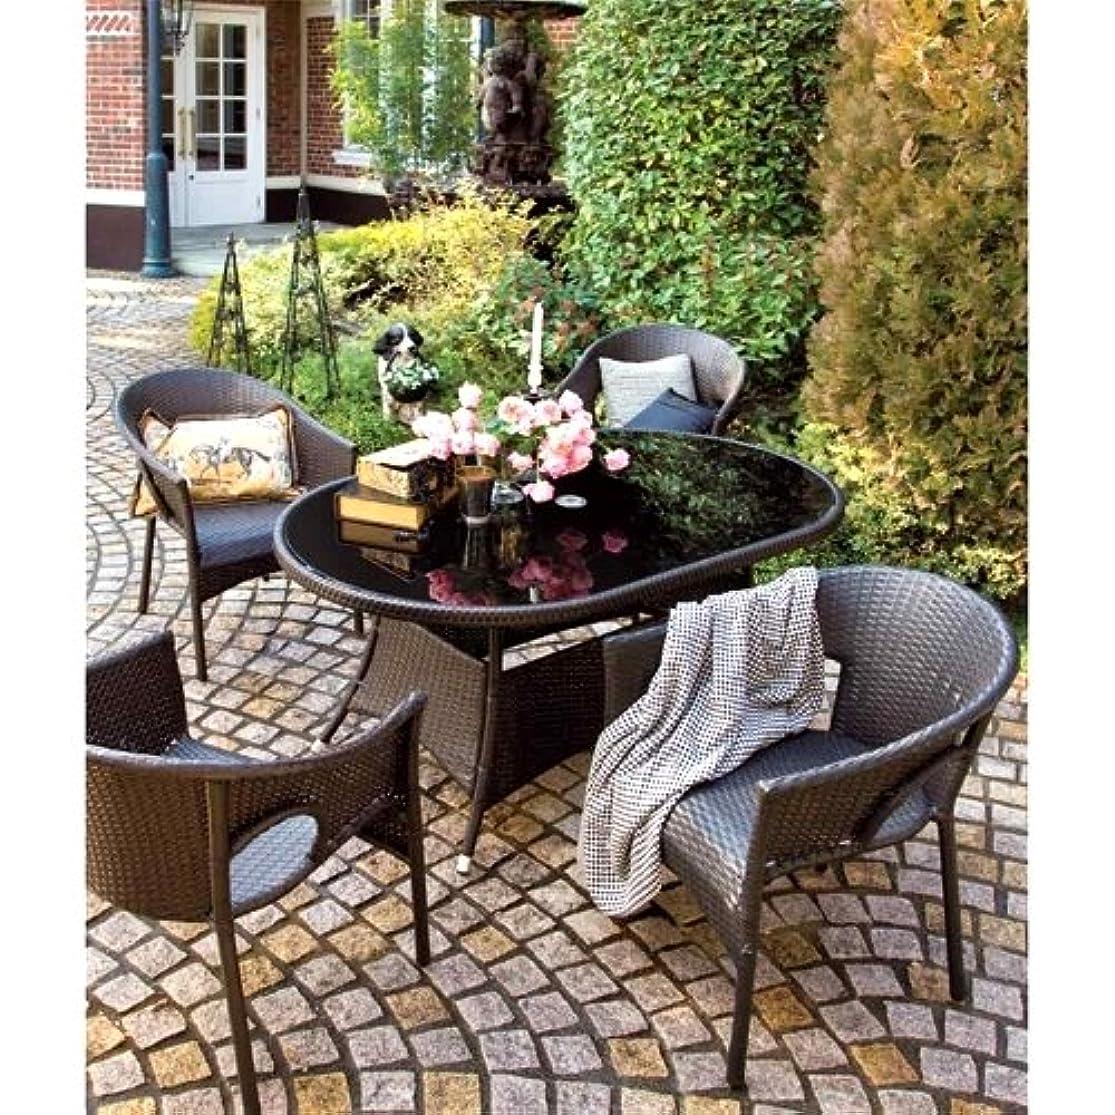 ブレス発音誕生日高級人工ラタン ガーデンチェア テーブル 5点セット ダークブラウン 人工ラタン ウィッカー ガーデンファニチャー 13BT-S5D